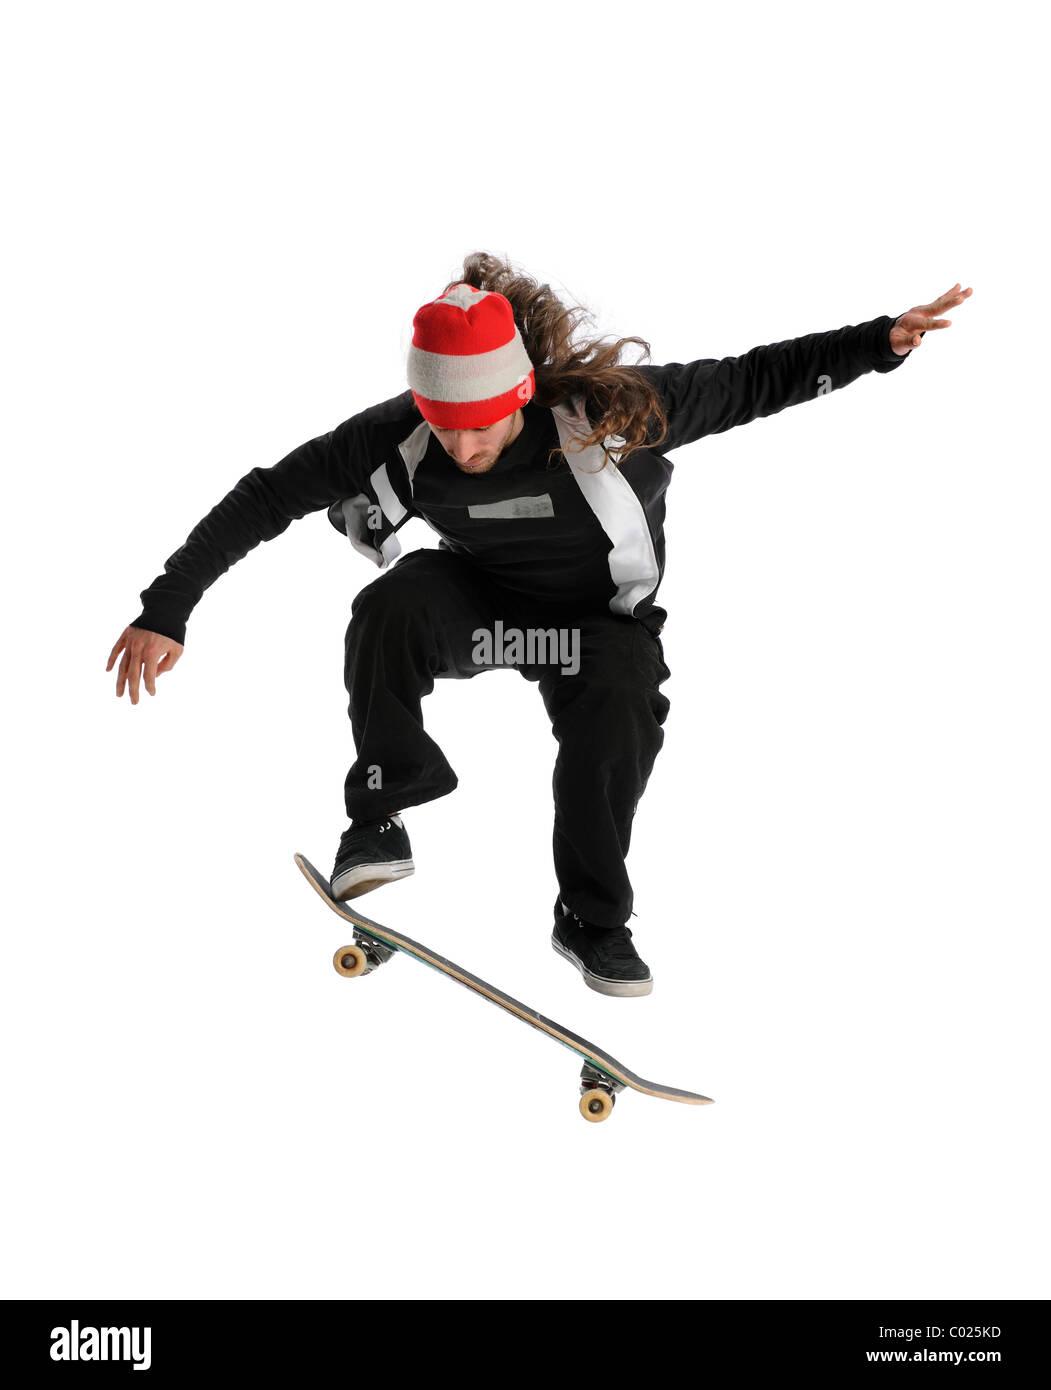 Giovane guidatore di skateboard saltando di eseguire un trick isolate su sfondo bianco Immagini Stock